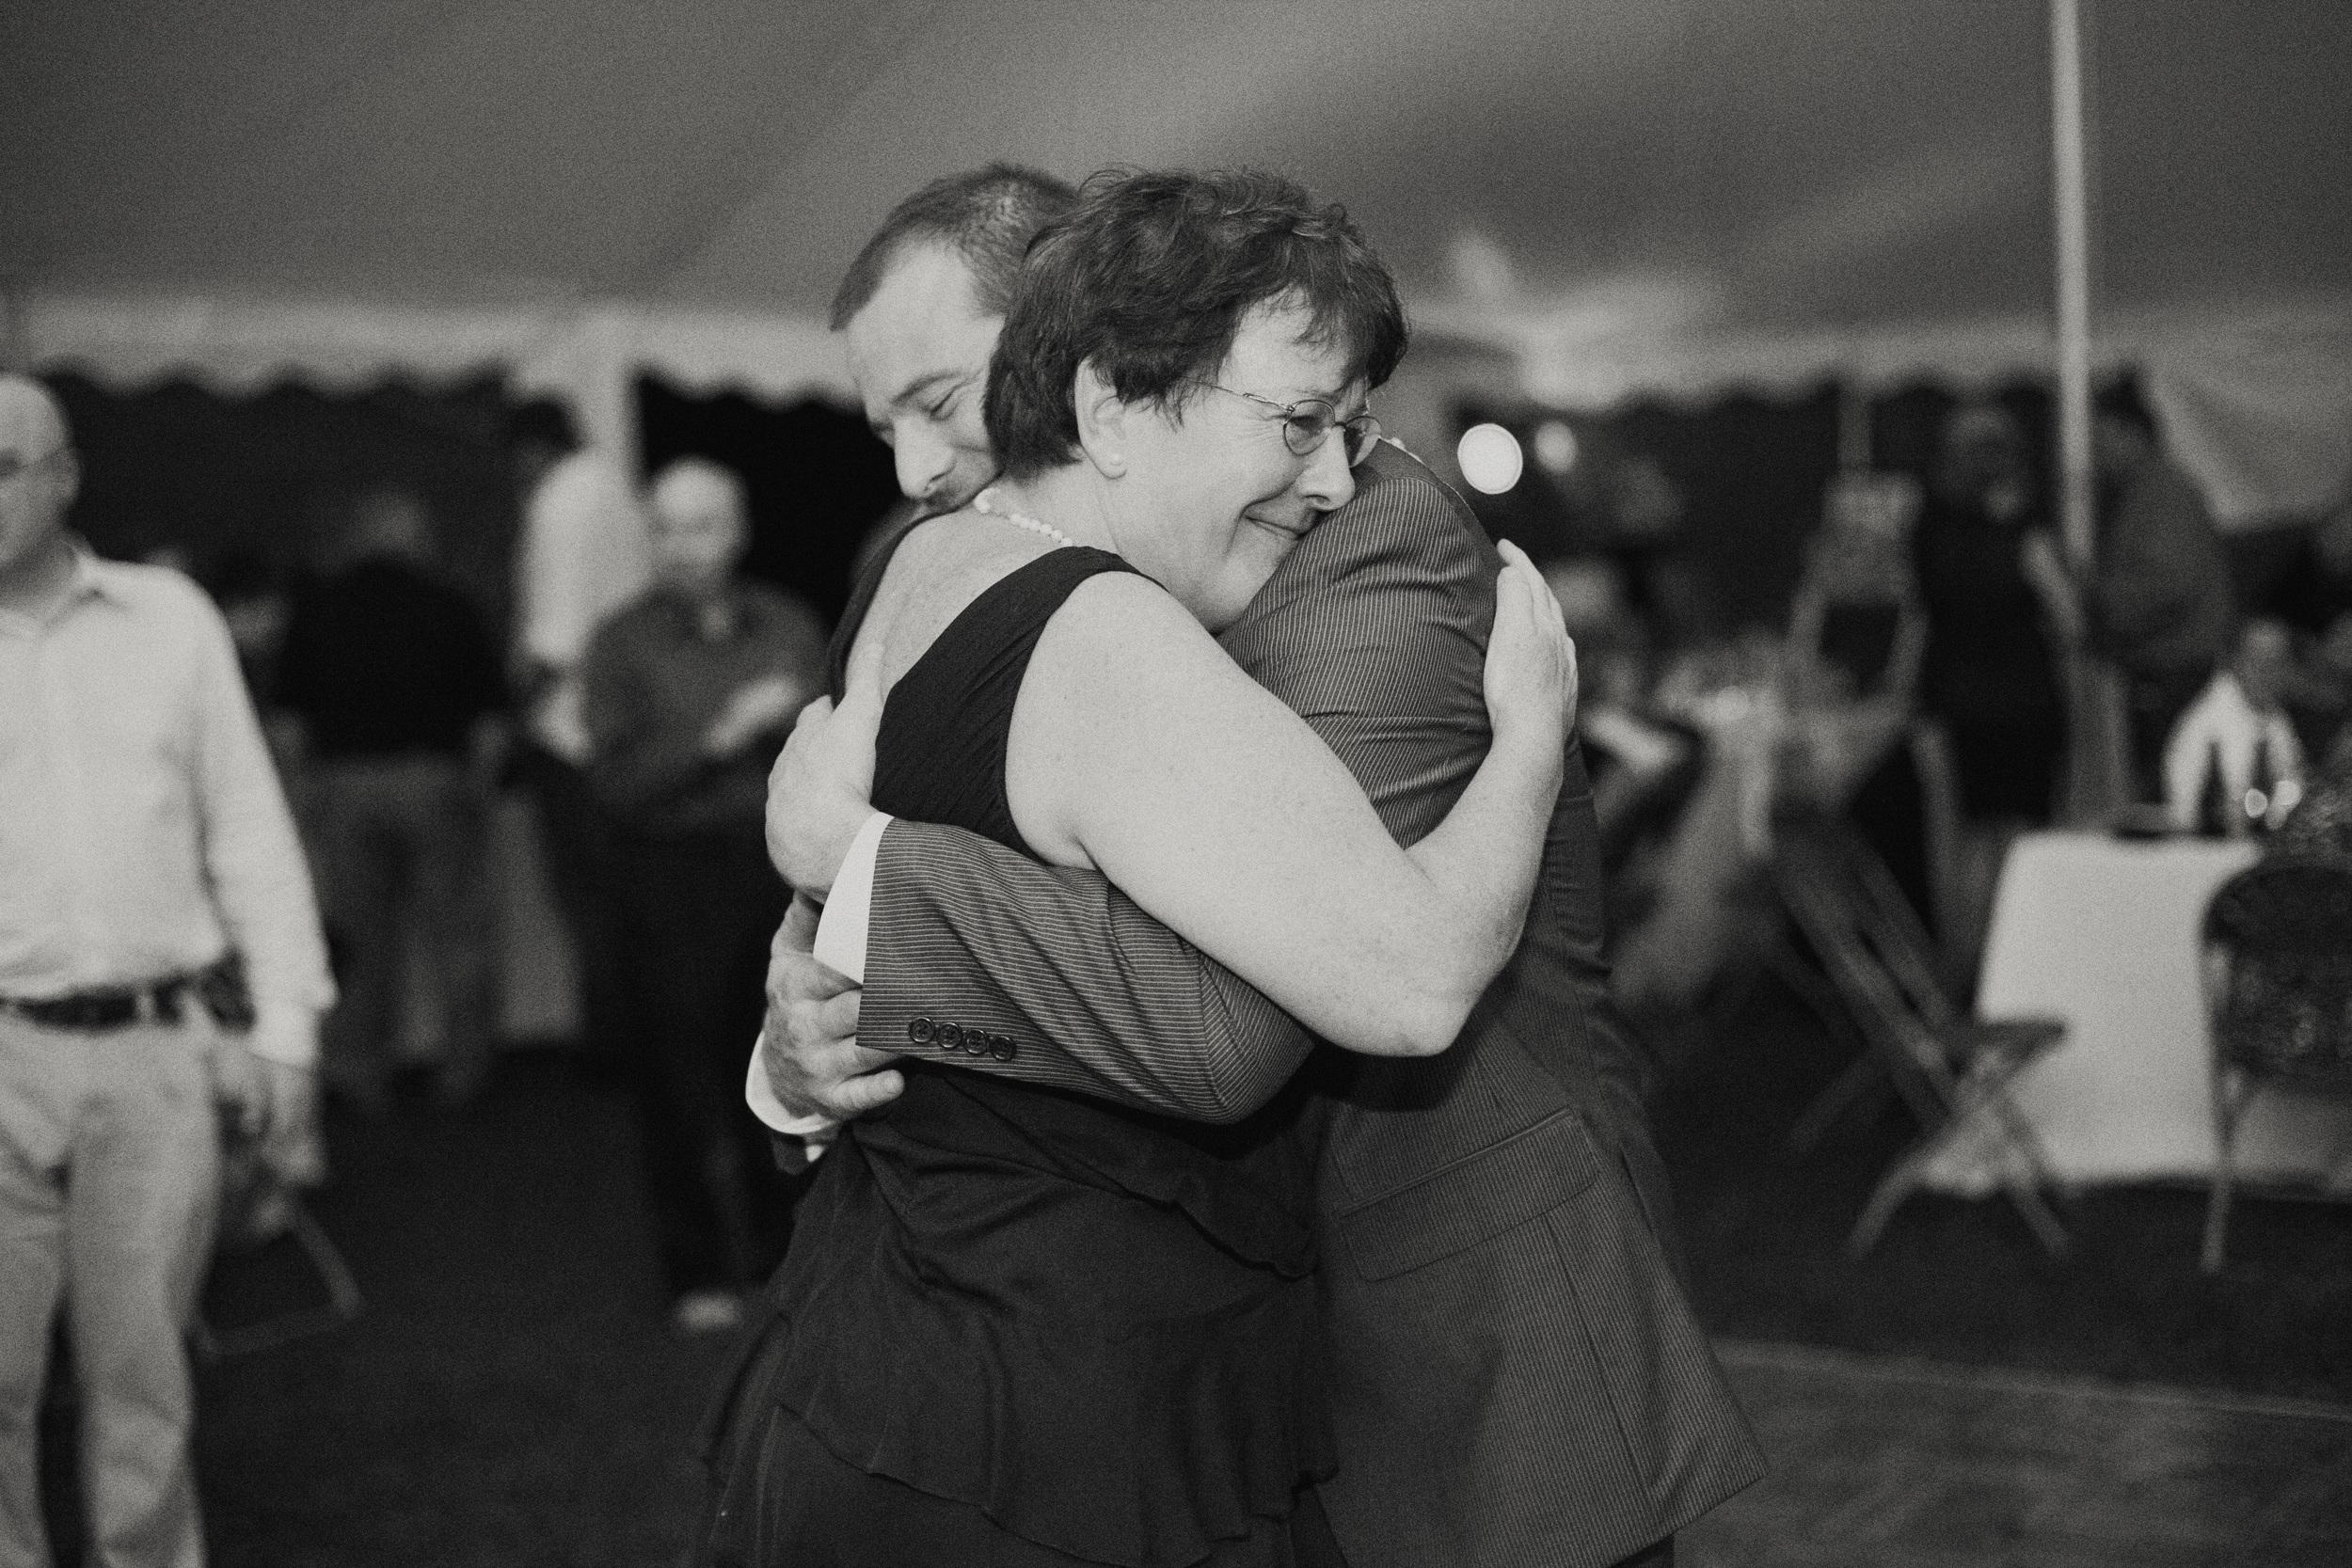 Bucks County backyard wedding photographer